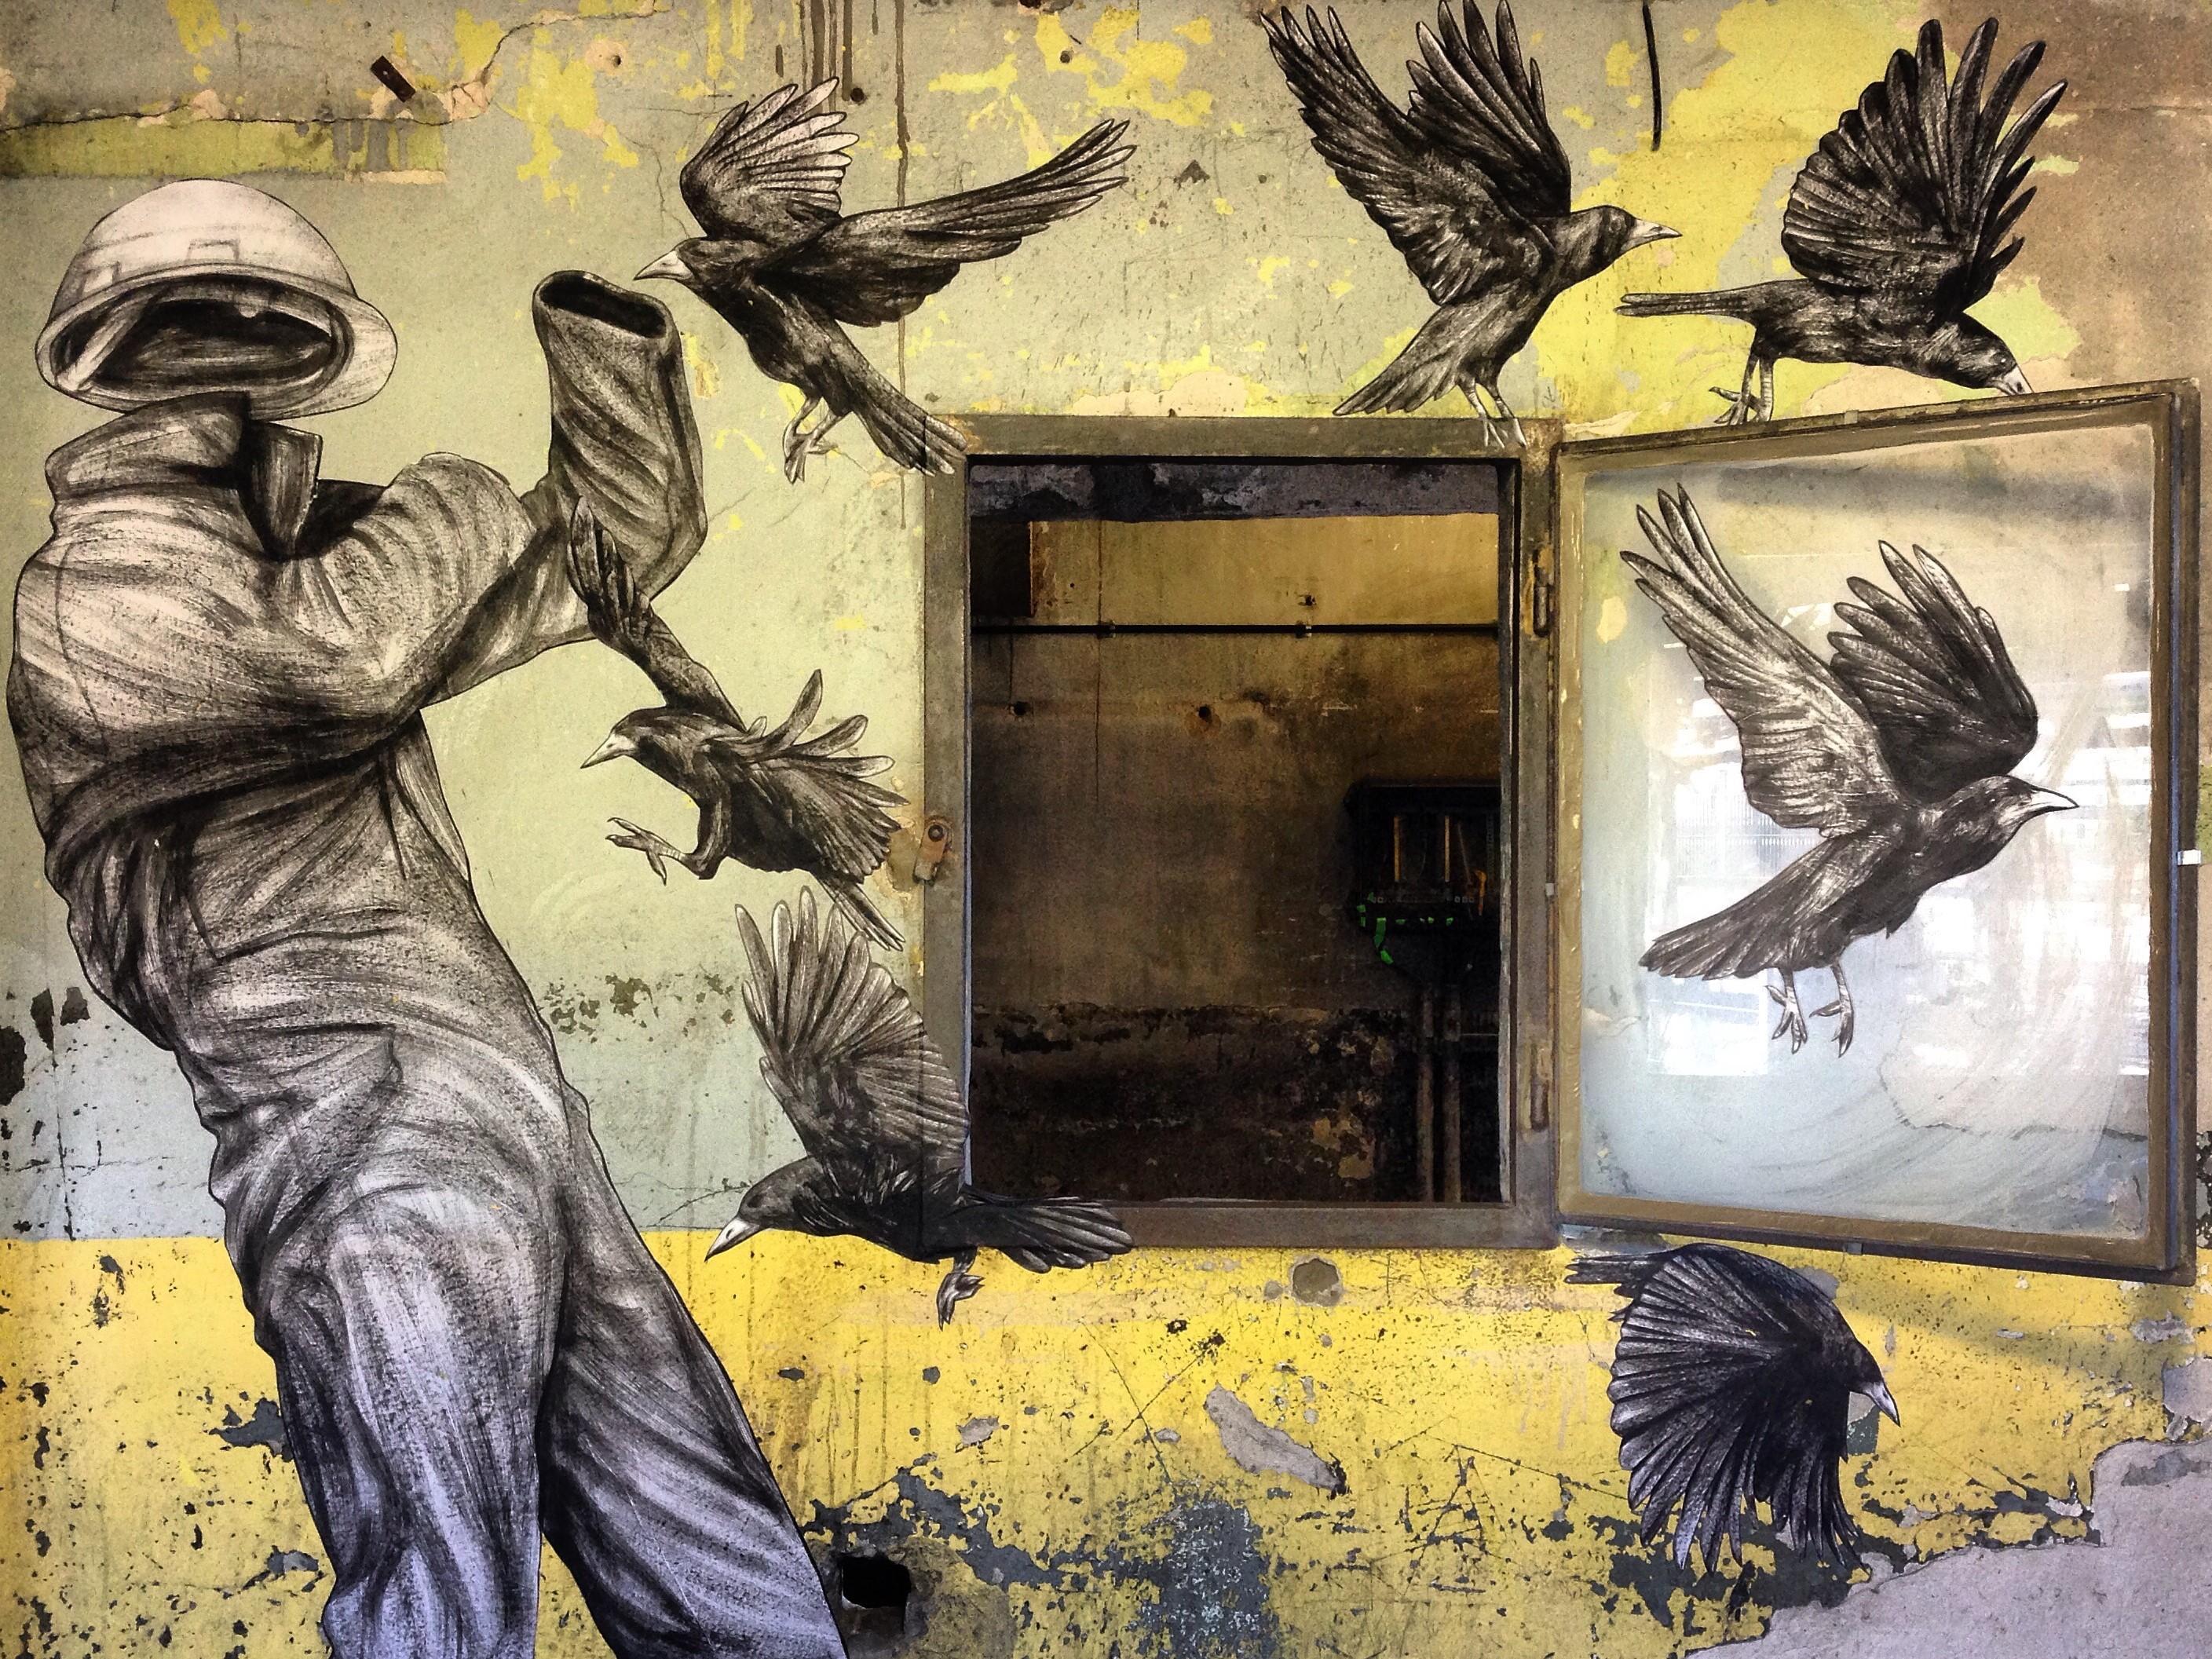 retour du refoulé urban art biennale allemagne artistik rezo paris